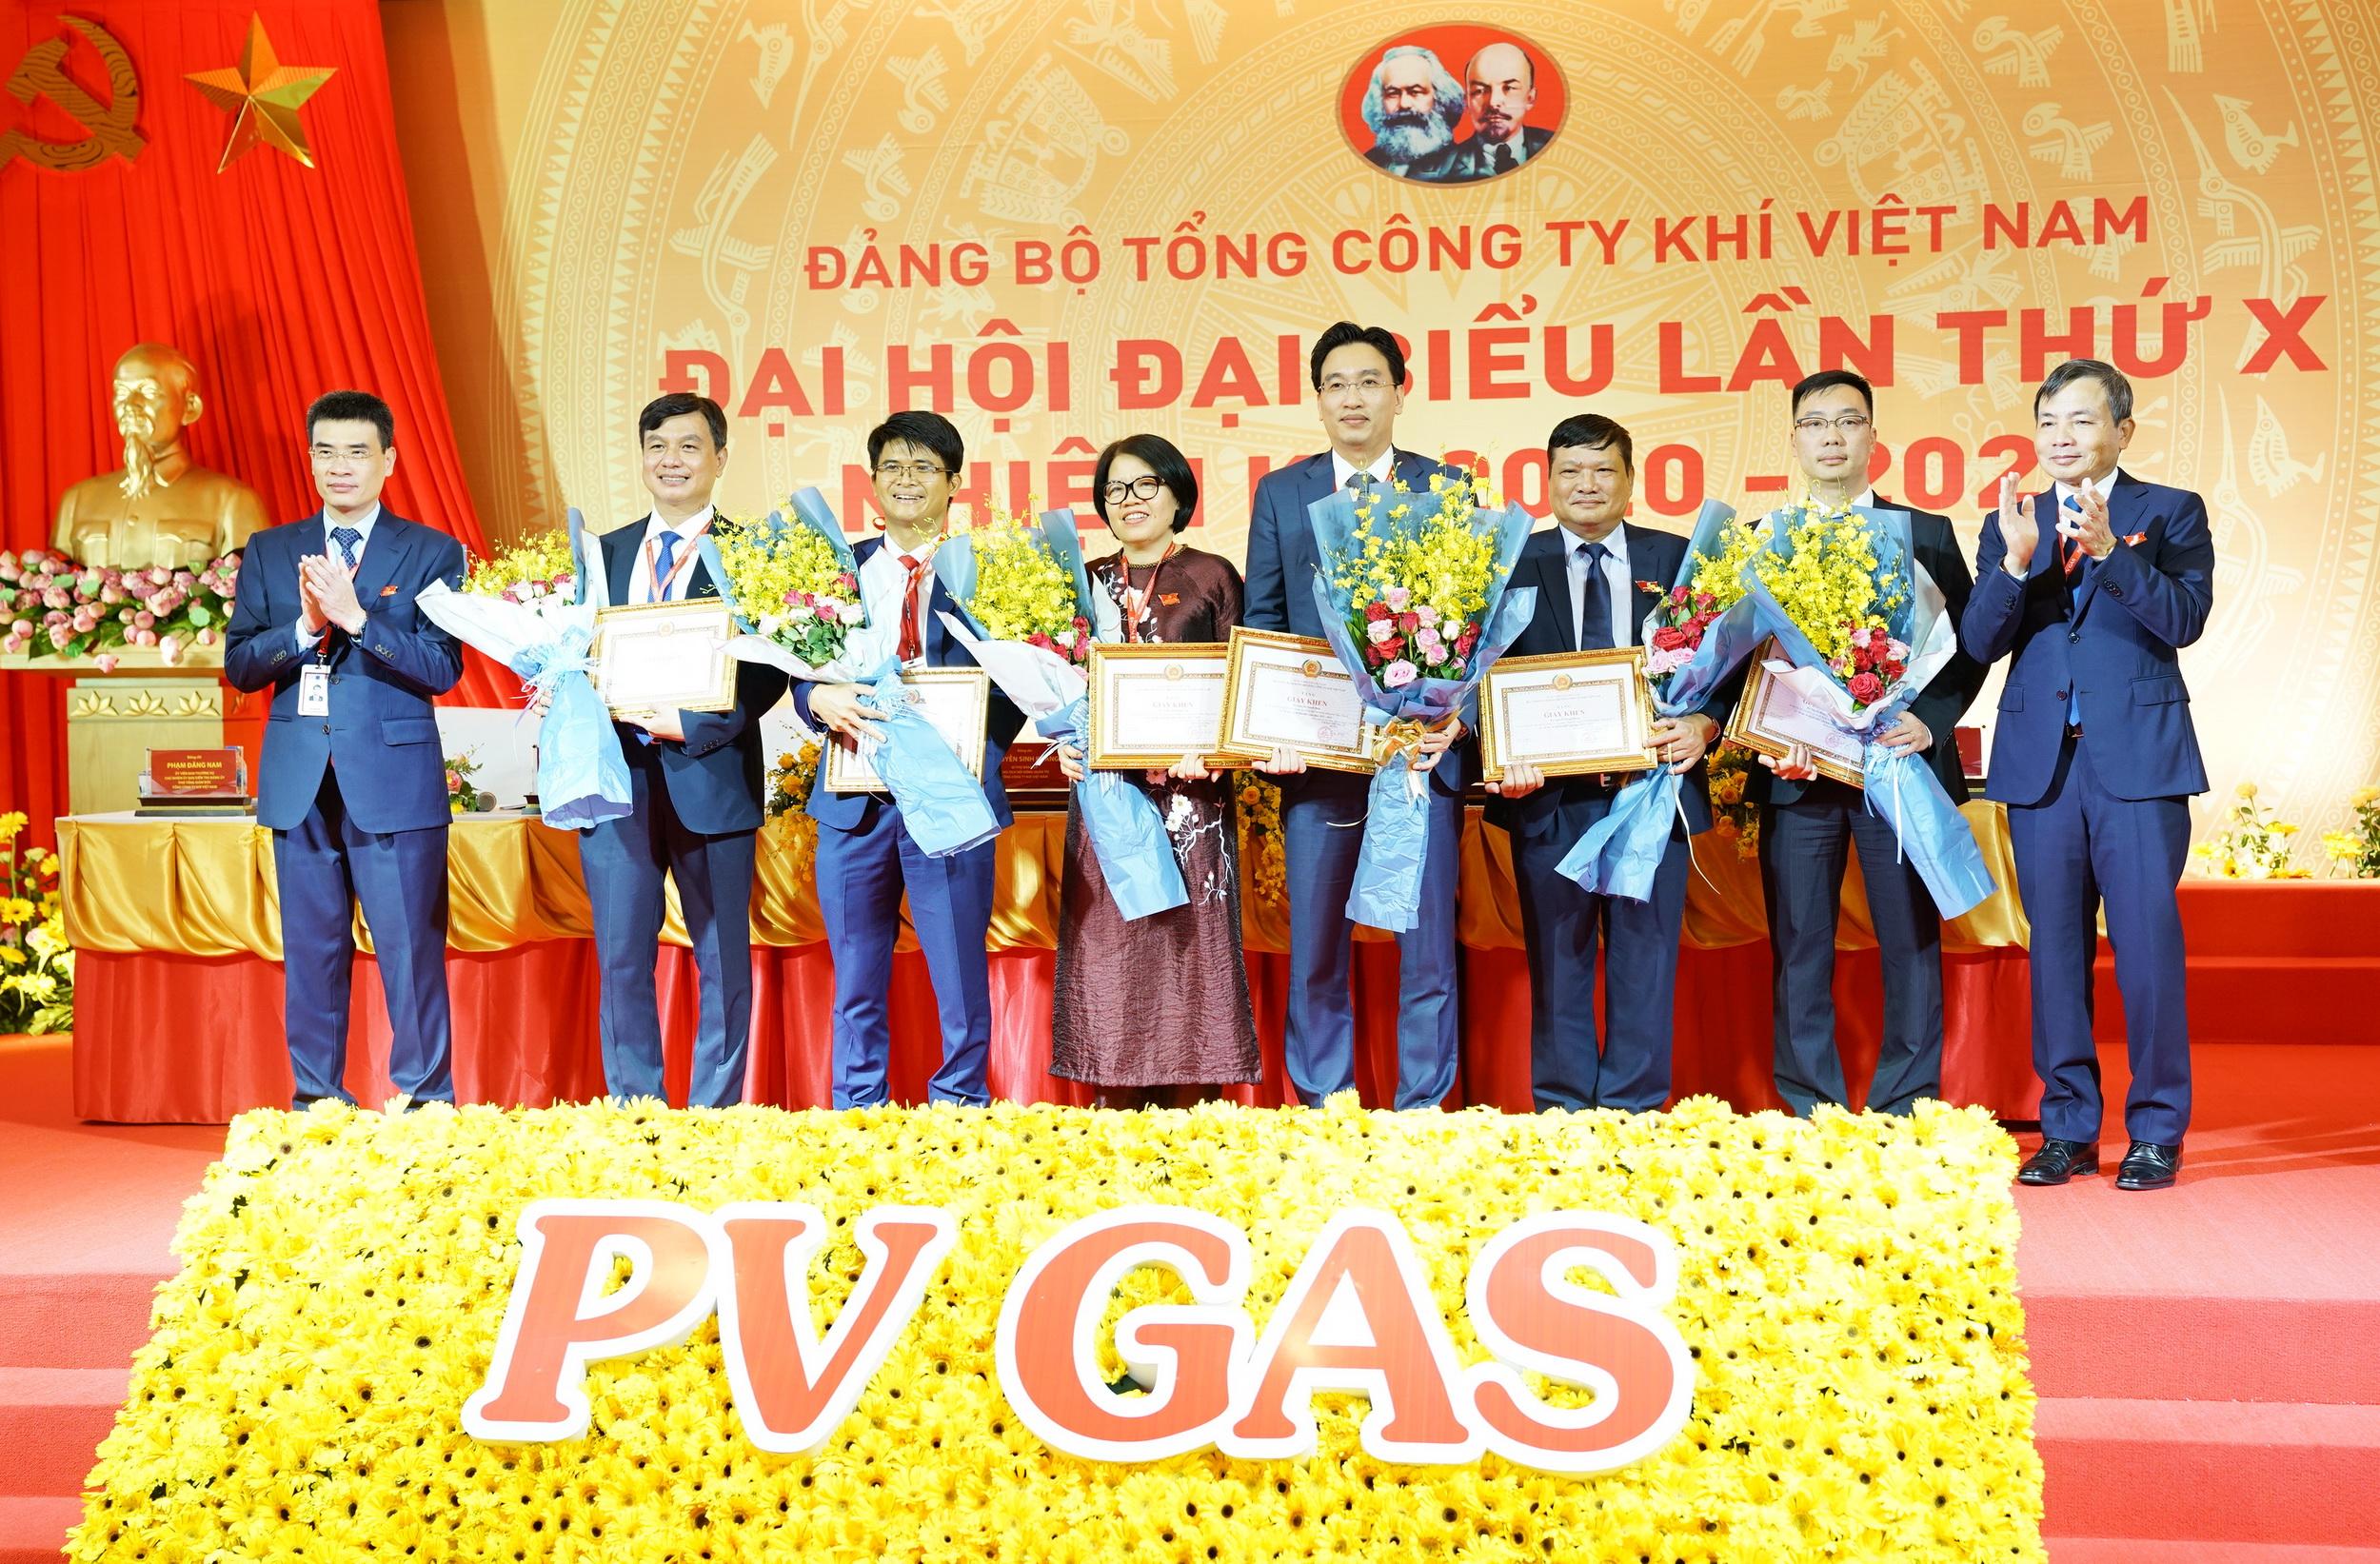 Khen thưởng các bí thư xuất sắc của các chi/đảng bộ trực thuộc PV GAS đã có nhiều thành tích trong nhiệm kỳ 2015-2020